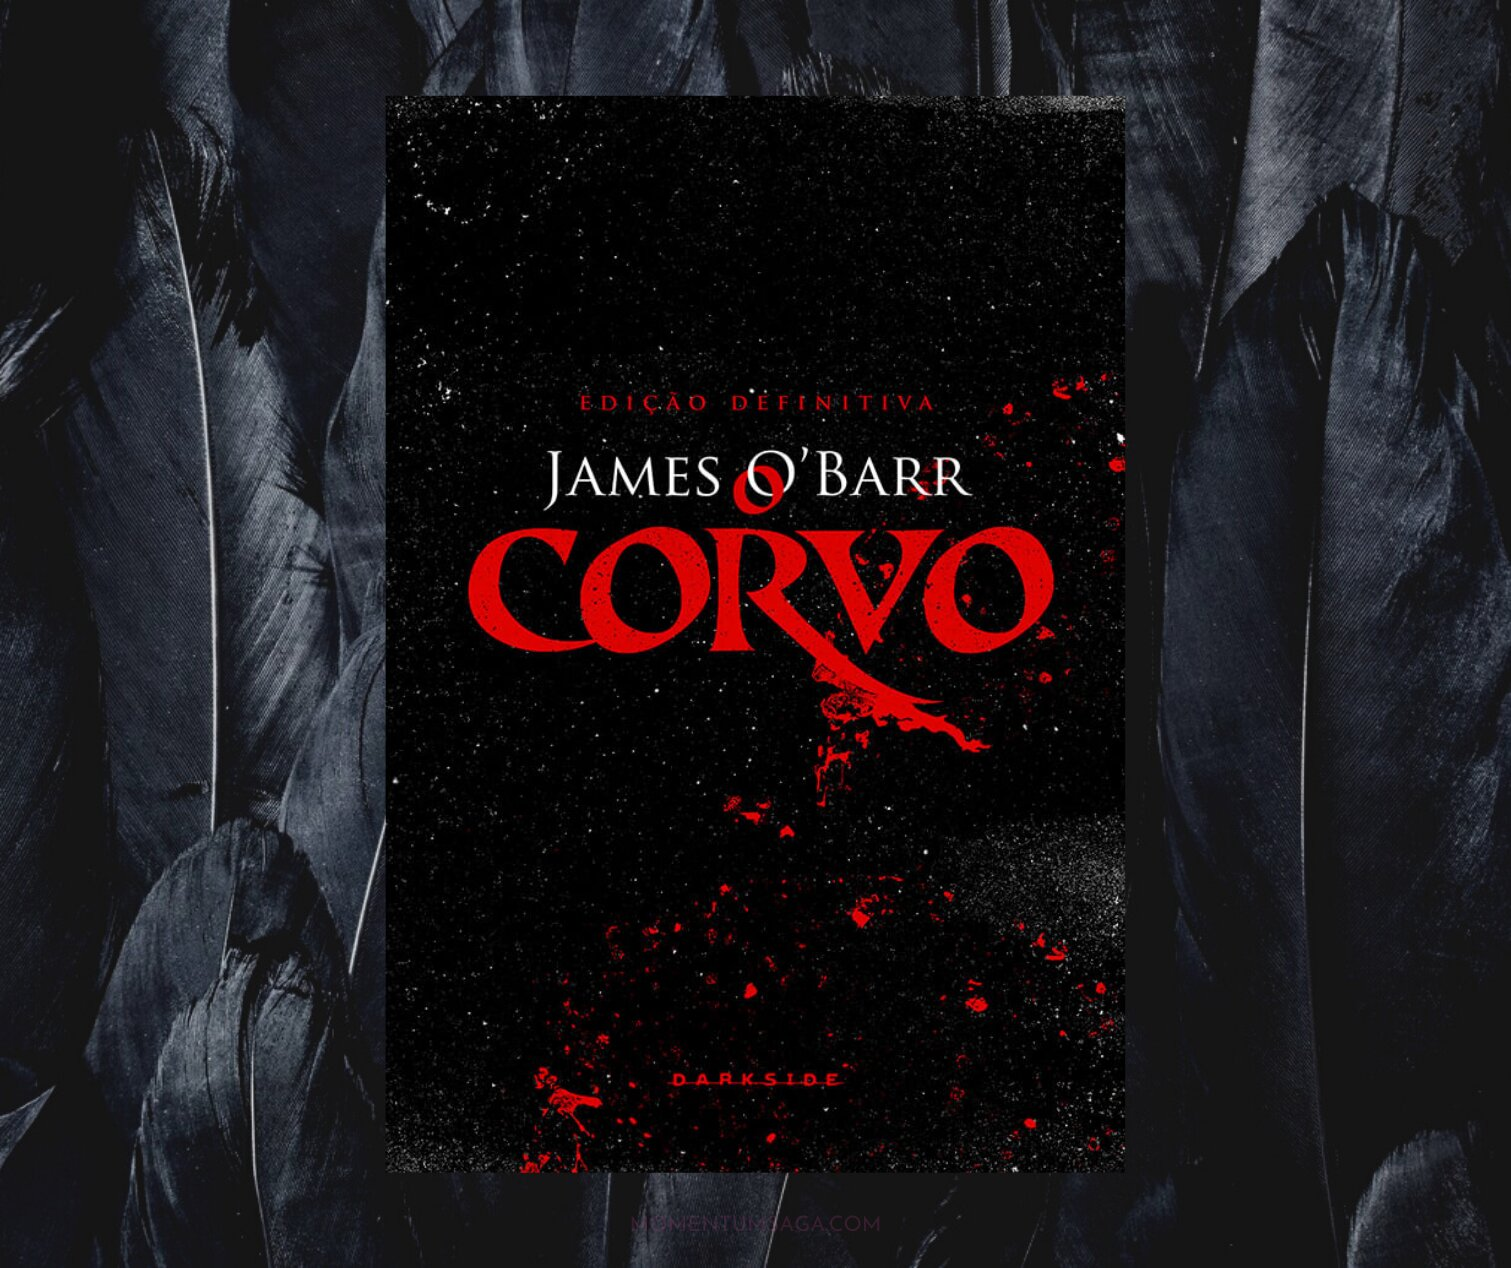 Resenha: O Corvo, de James O'Barr